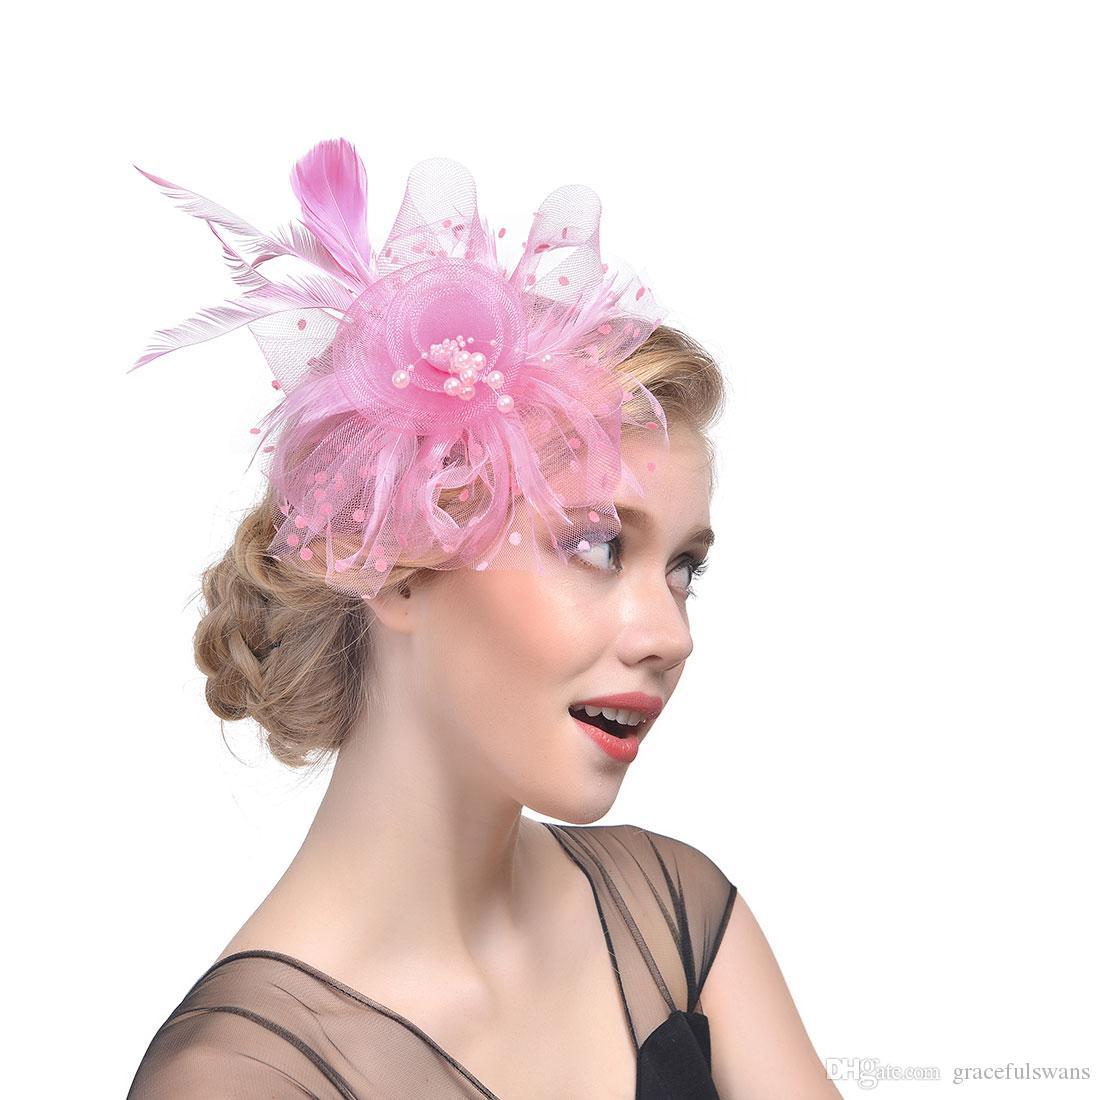 f8657d557d14c Compre Plumas Tulle Perlas Accesorios Para El Cabello De La Boda Sombreros  De Novia Flora Elegante Sombreros De Fiesta De Las Mujeres Sombreros De Boda  A ...